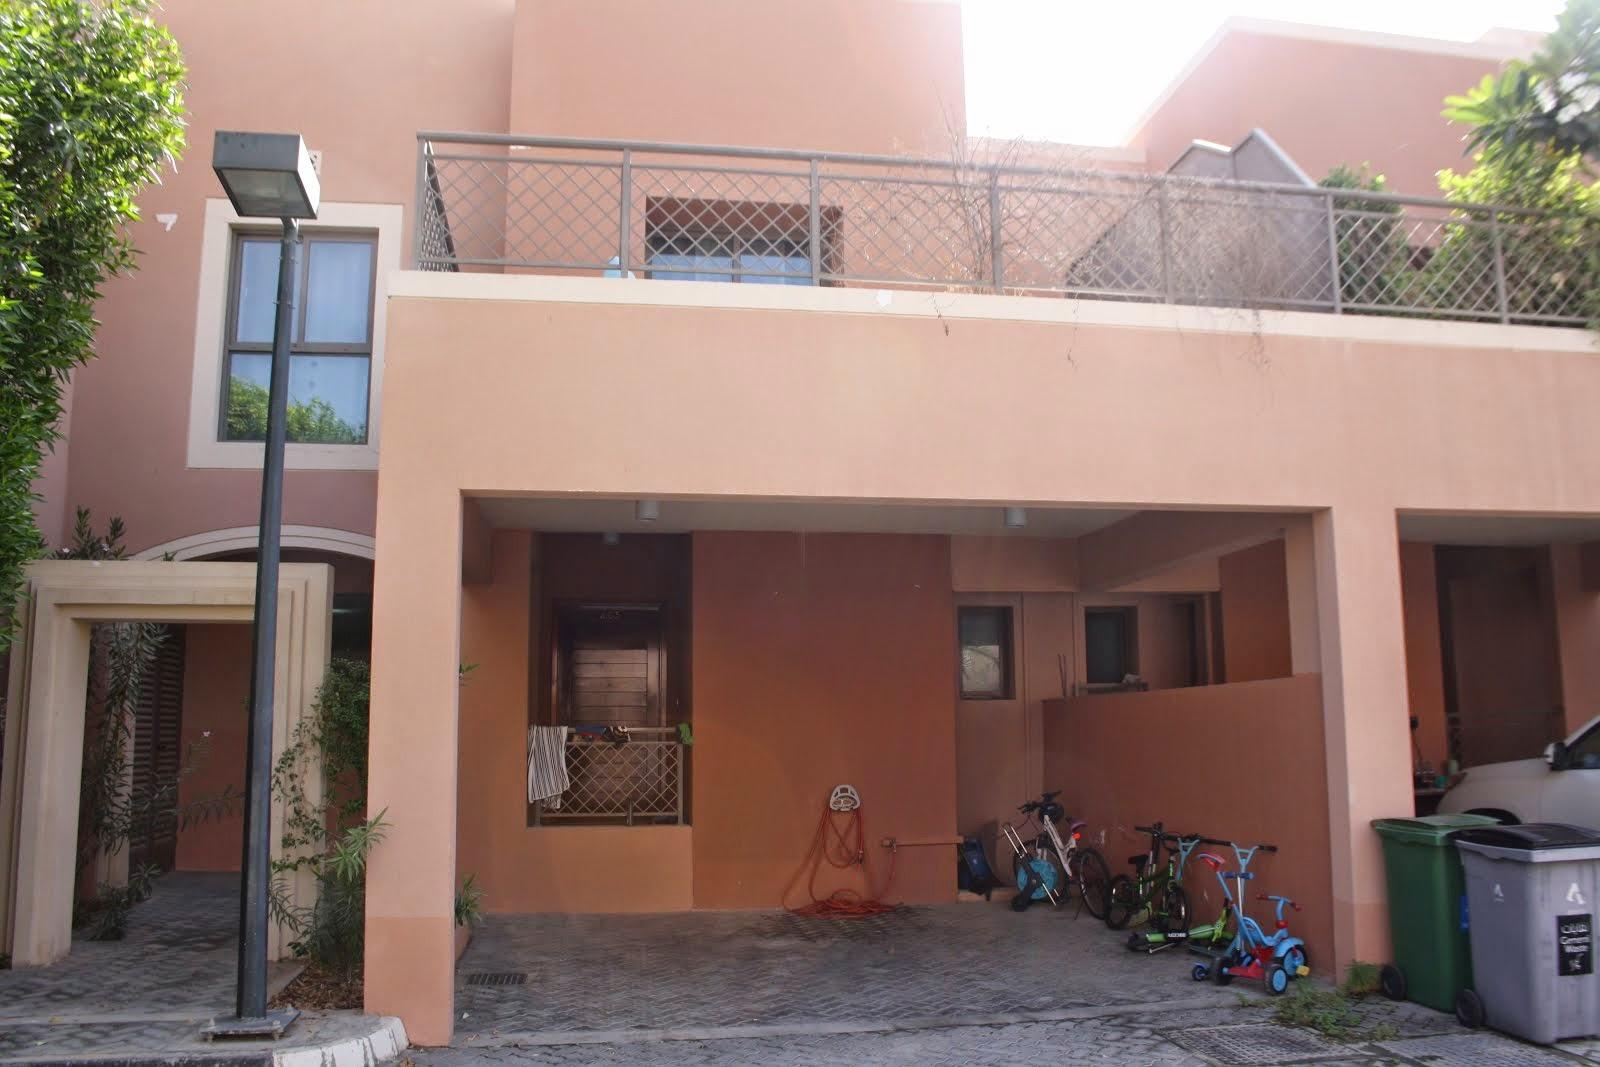 Abu Dhabin koti